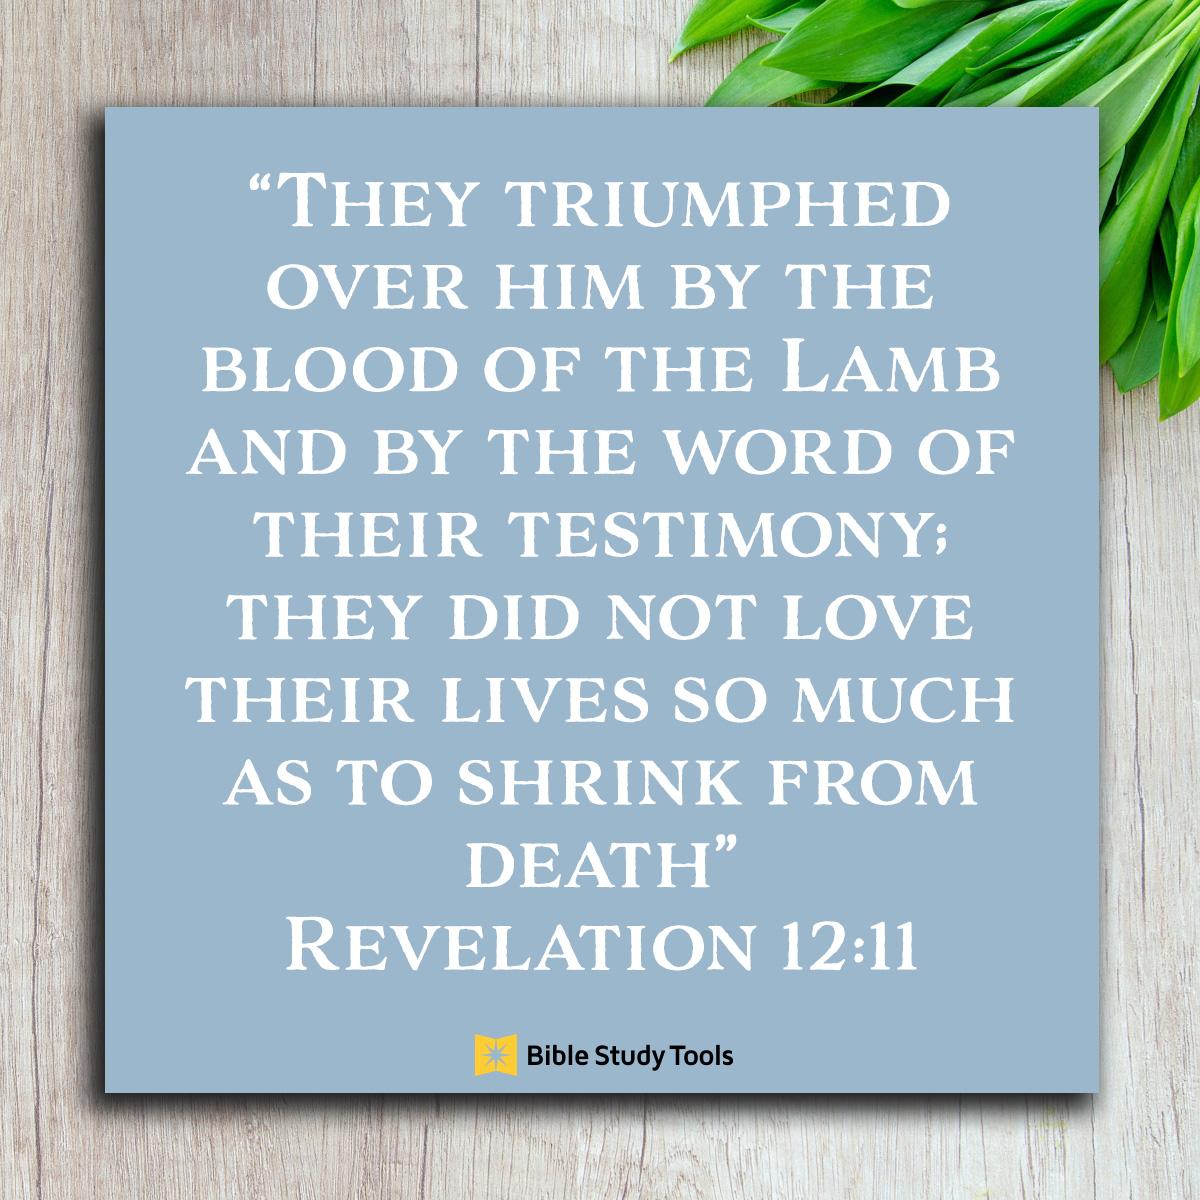 Revelation 12:11, inspirational image